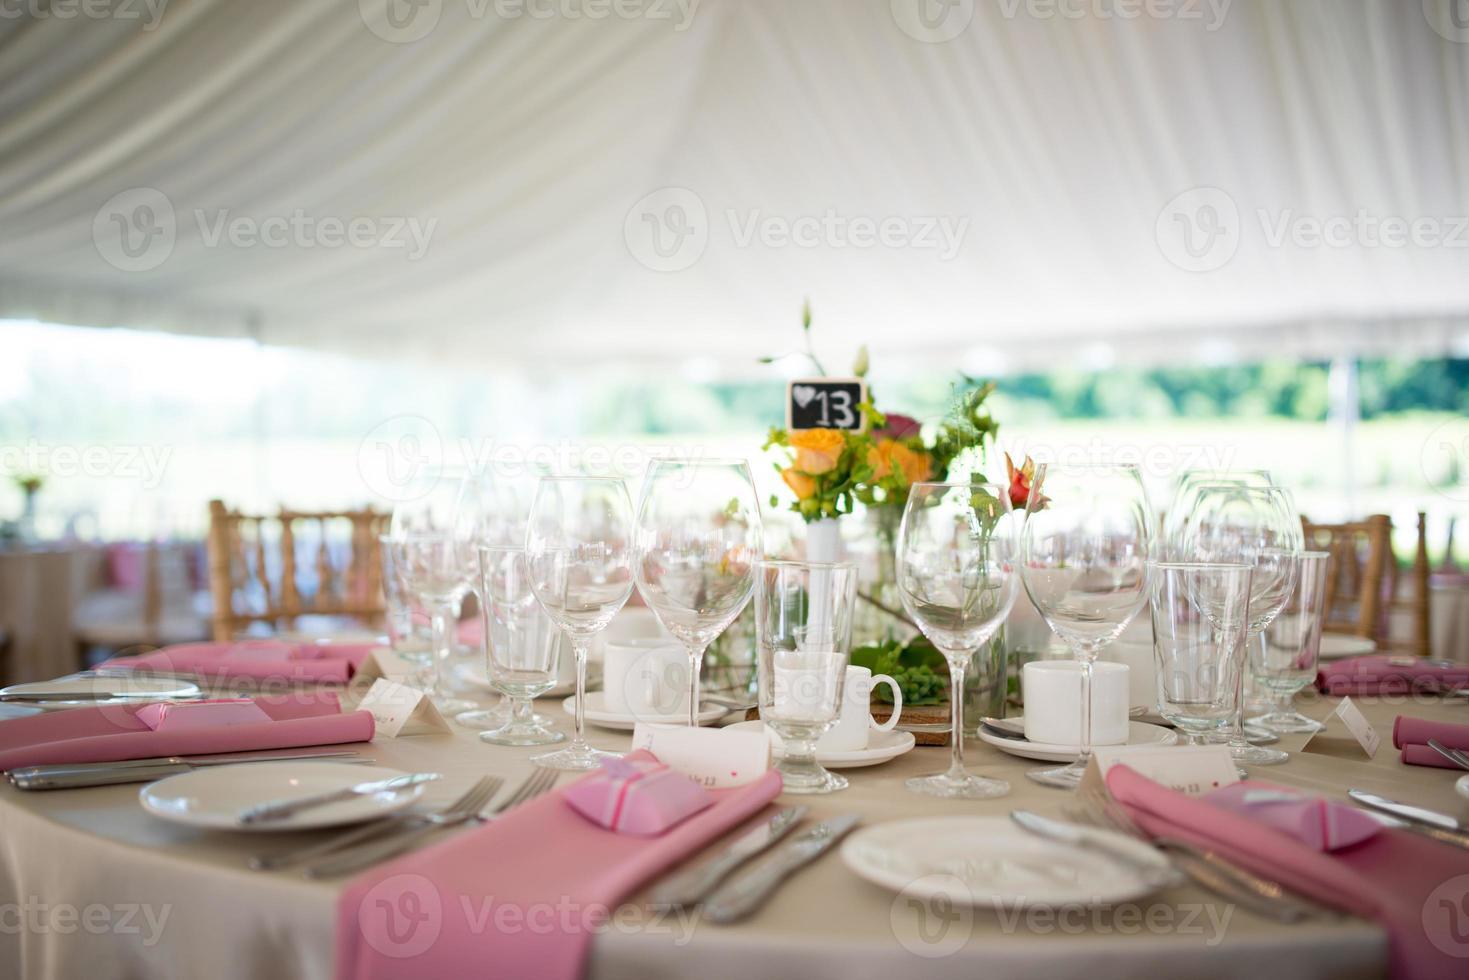 recepción de boda con clase al aire libre foto